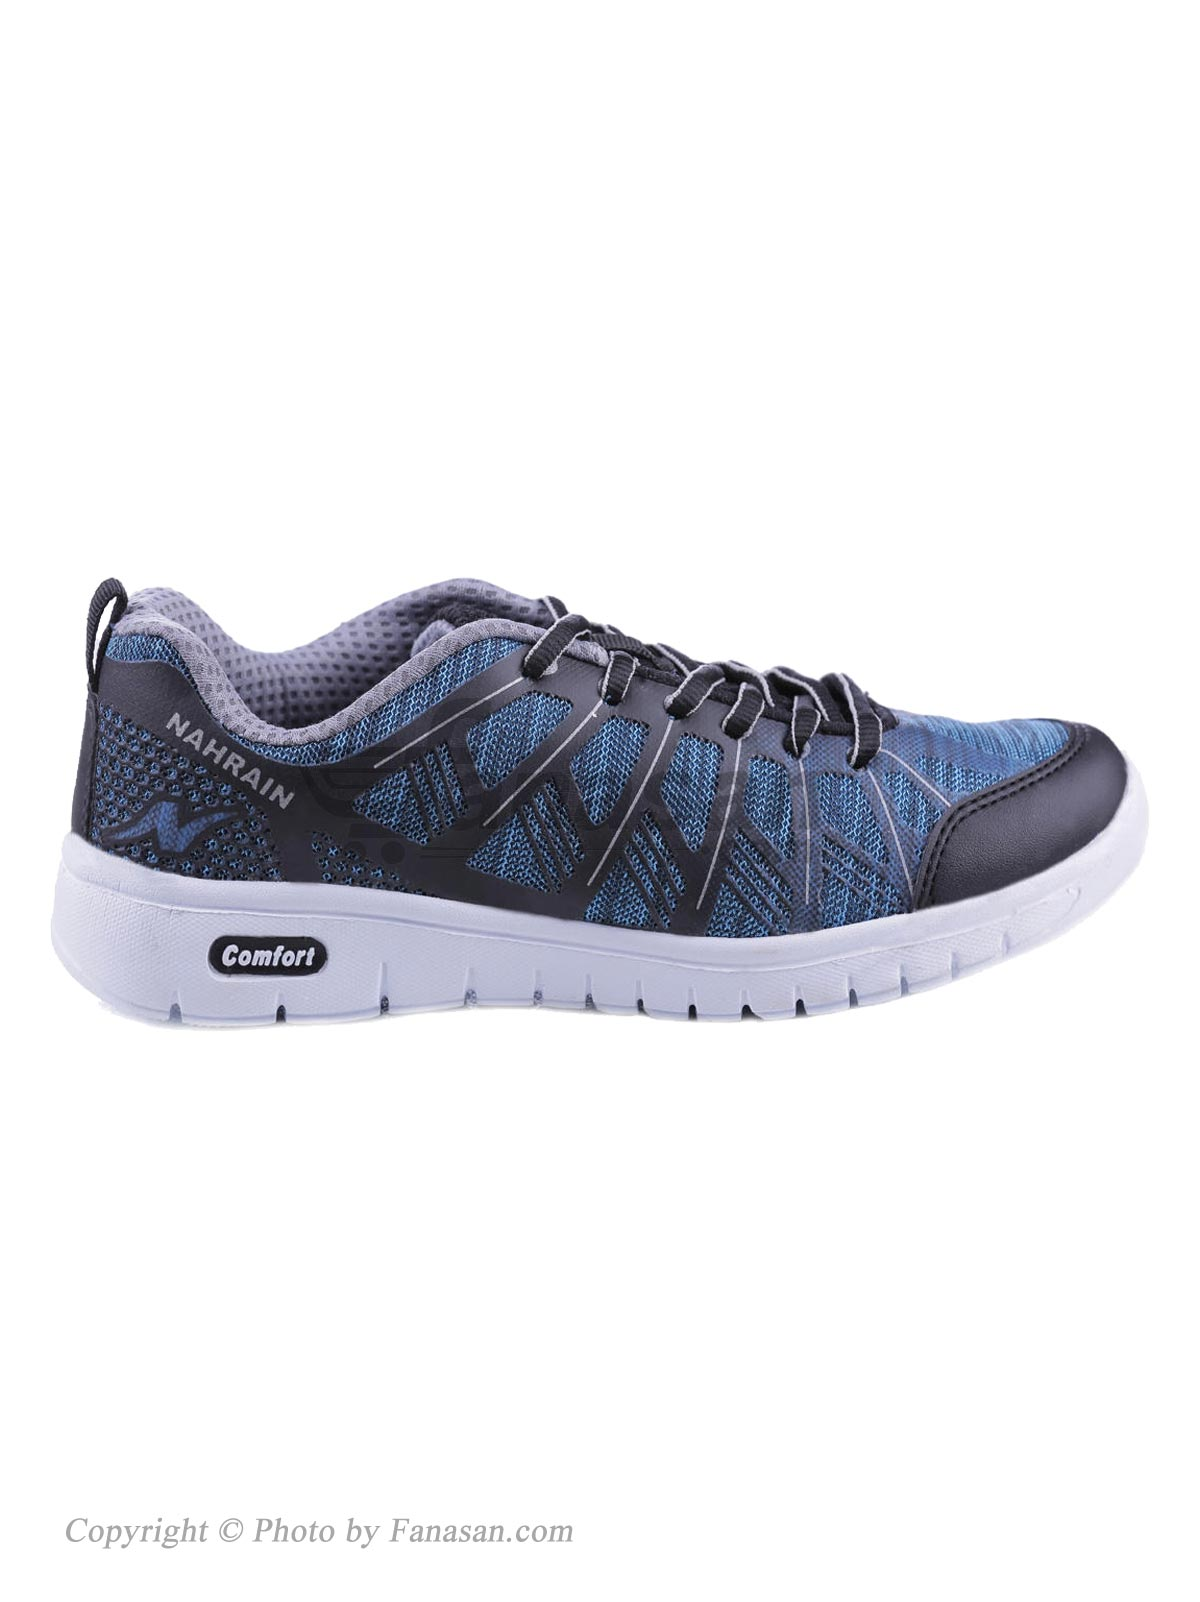 کفش زنانه نهرین مخصوص دویدن و پیاده روی مدل هما آبی مشکی سایز 36